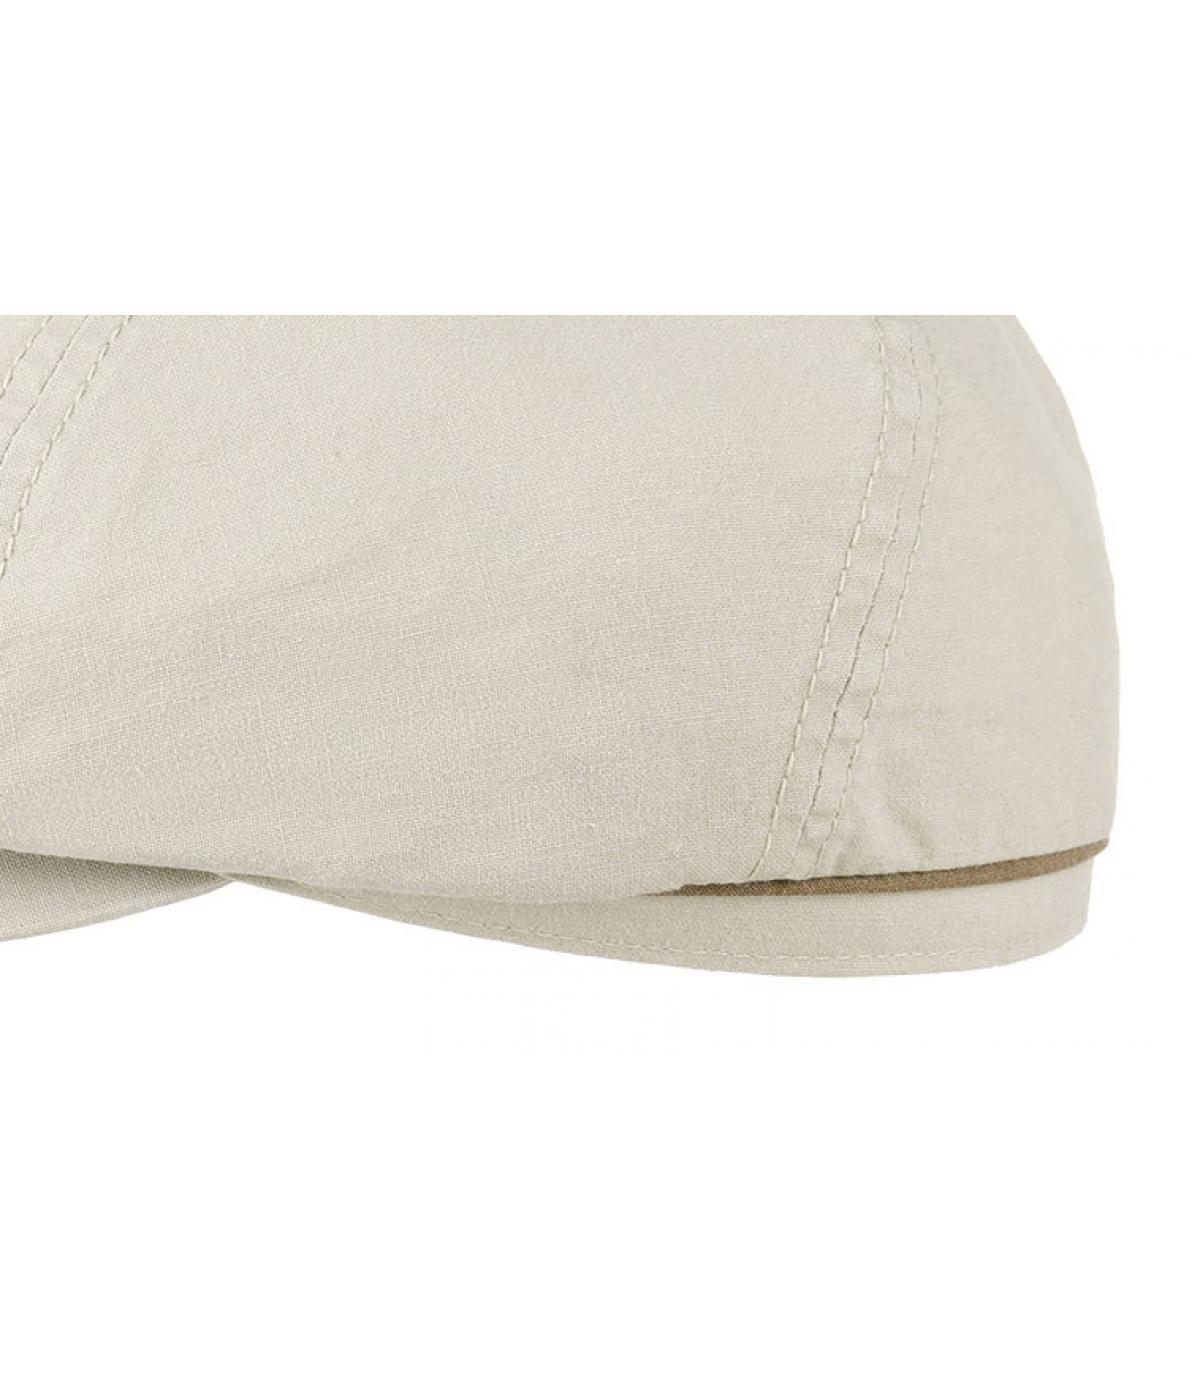 Détails Brooklyn cap delave coton organic beige - image 3